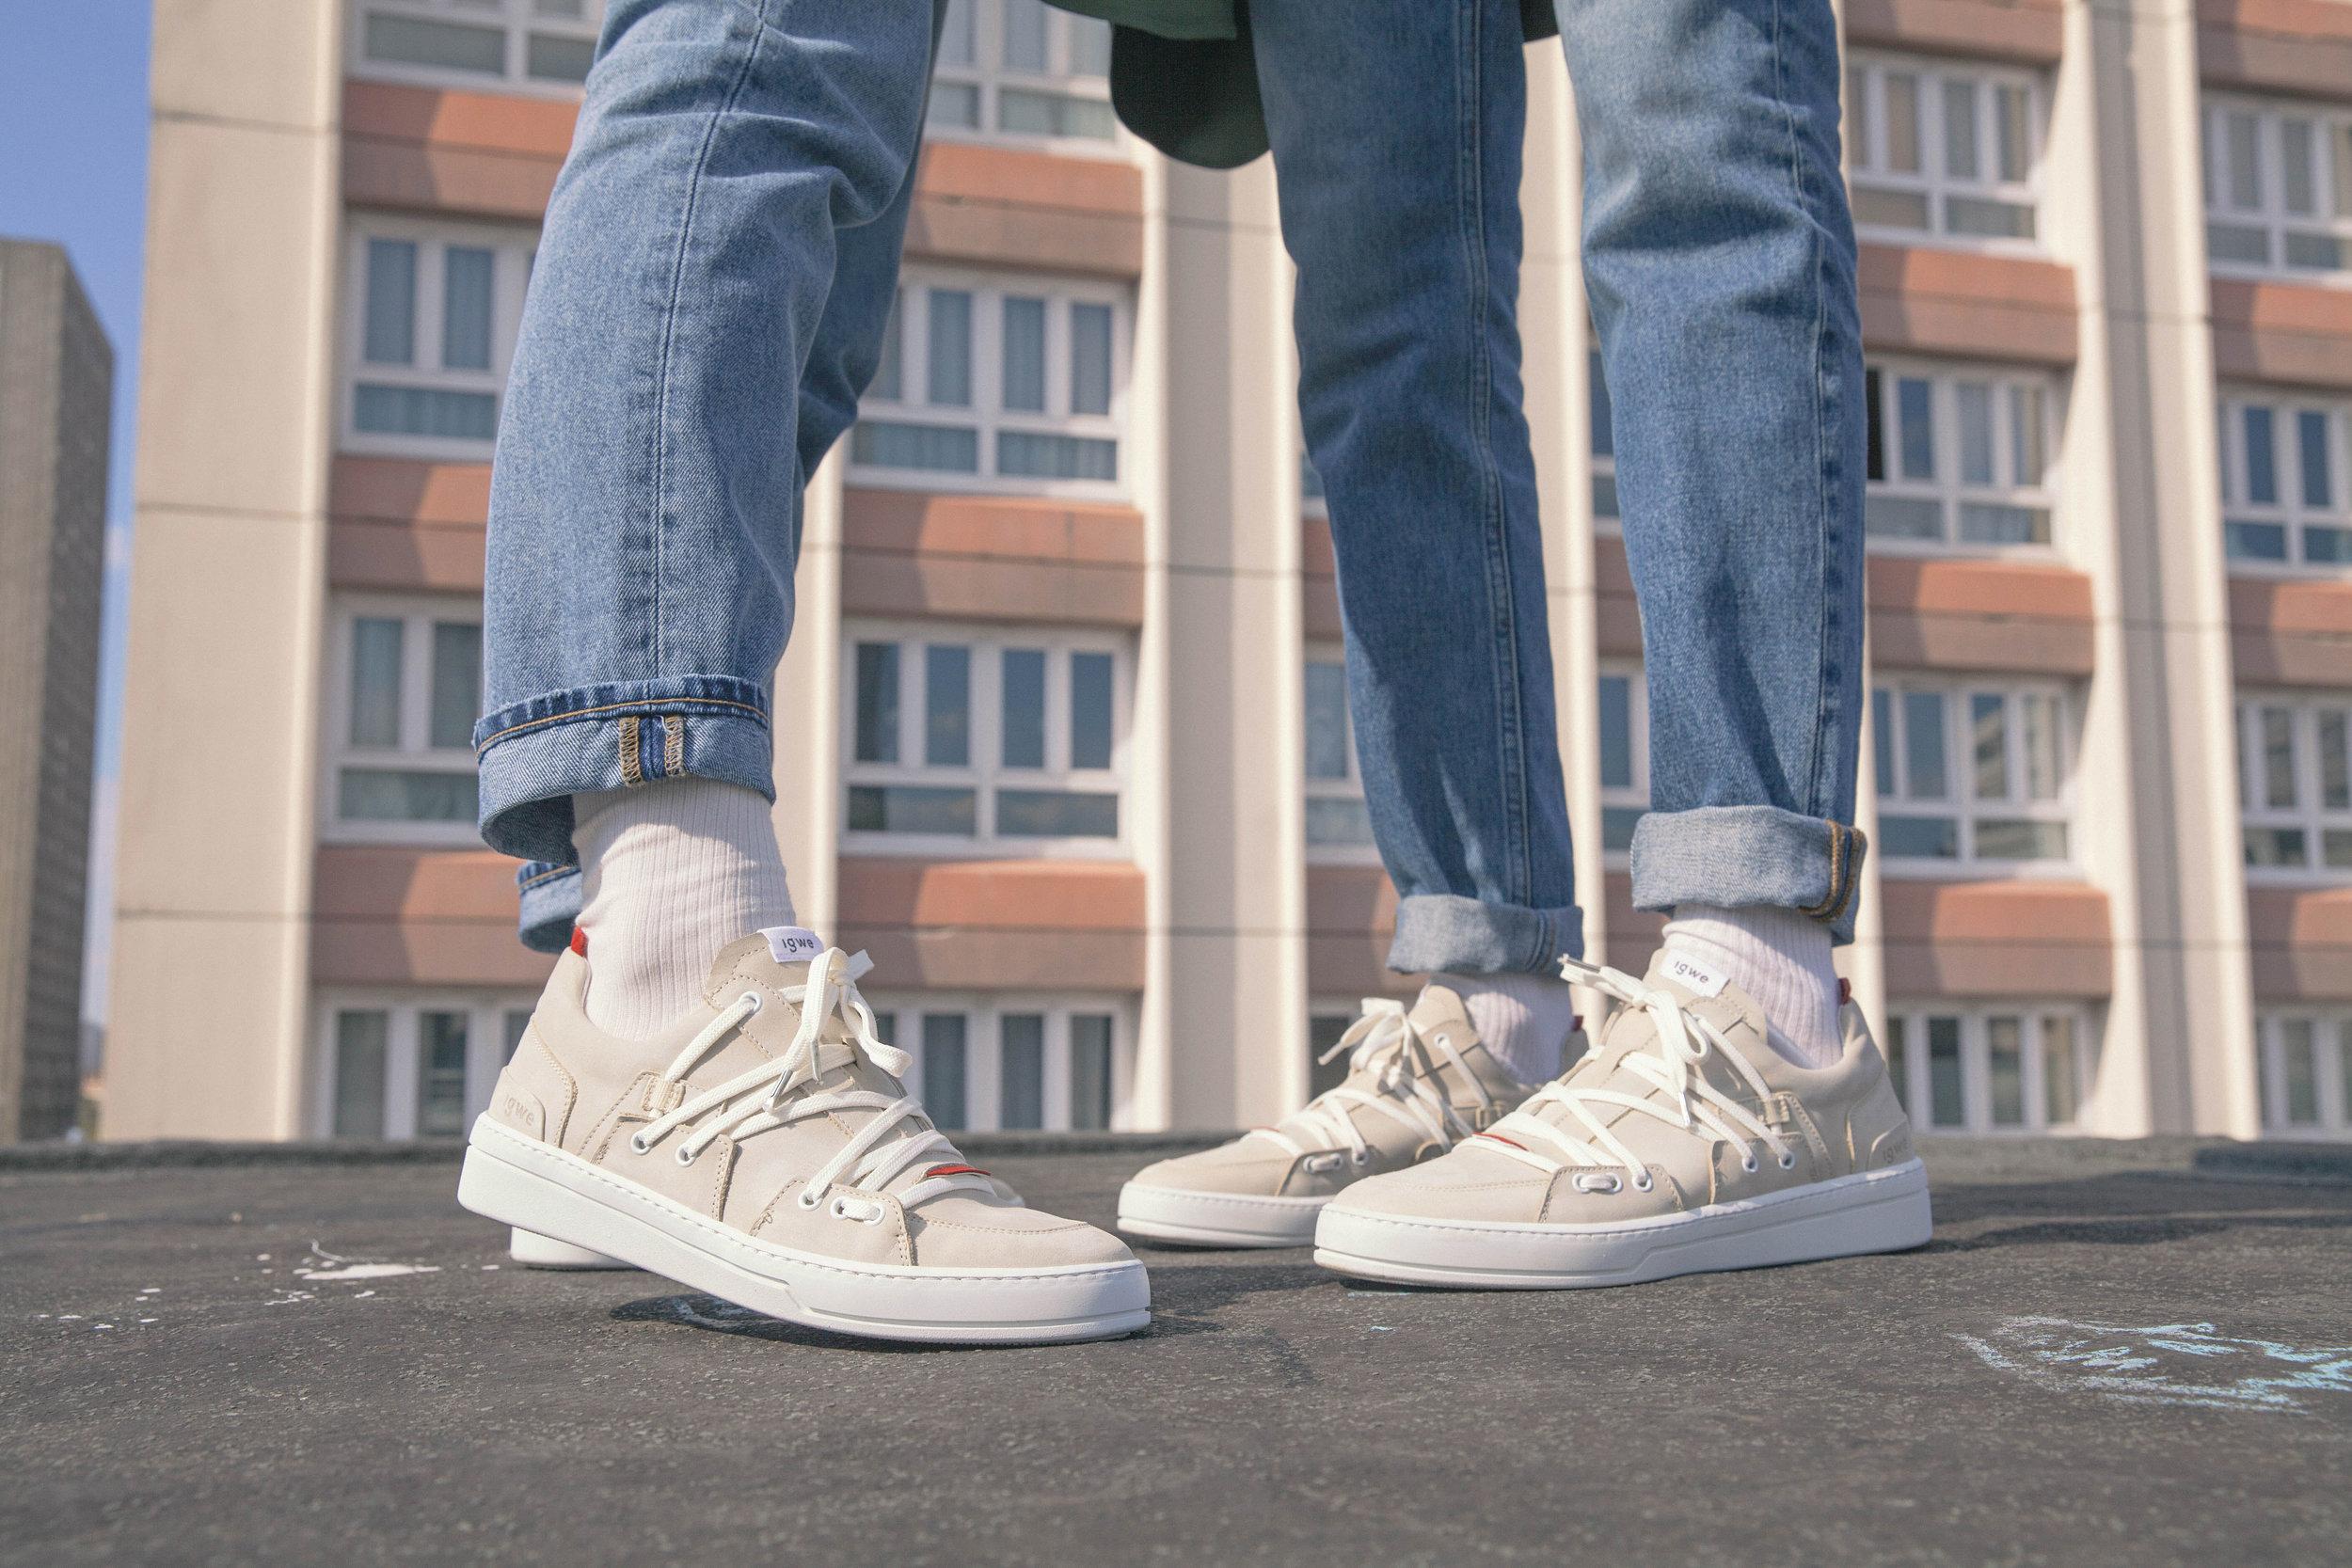 """hypebeast - Inspiré par l'architecture urbaine, le label parisien Innovation Goes With Environment (IGWE) présente les nouvelles sneakers recyclabes de sa première collection.Fondé en octobre 2018, le but d'IGWE est de mélanger la mode et le respect de l'environnement à travers des sneakers """"clean et recyclables"""". La collection """"The Urban Myth"""" du label parisien présente son modèle """"Specimen"""" décliné en trois coloris """"White Cure"""", """"Black Era"""" et """"Sand Spirit"""" toujours détaillés de rouge, """"véritable fil d'ariane de chaque création"""". La basket basse aux lignes épurées s'habille de détails graphites inspirés par l'architecture urbaine de la capitale…"""